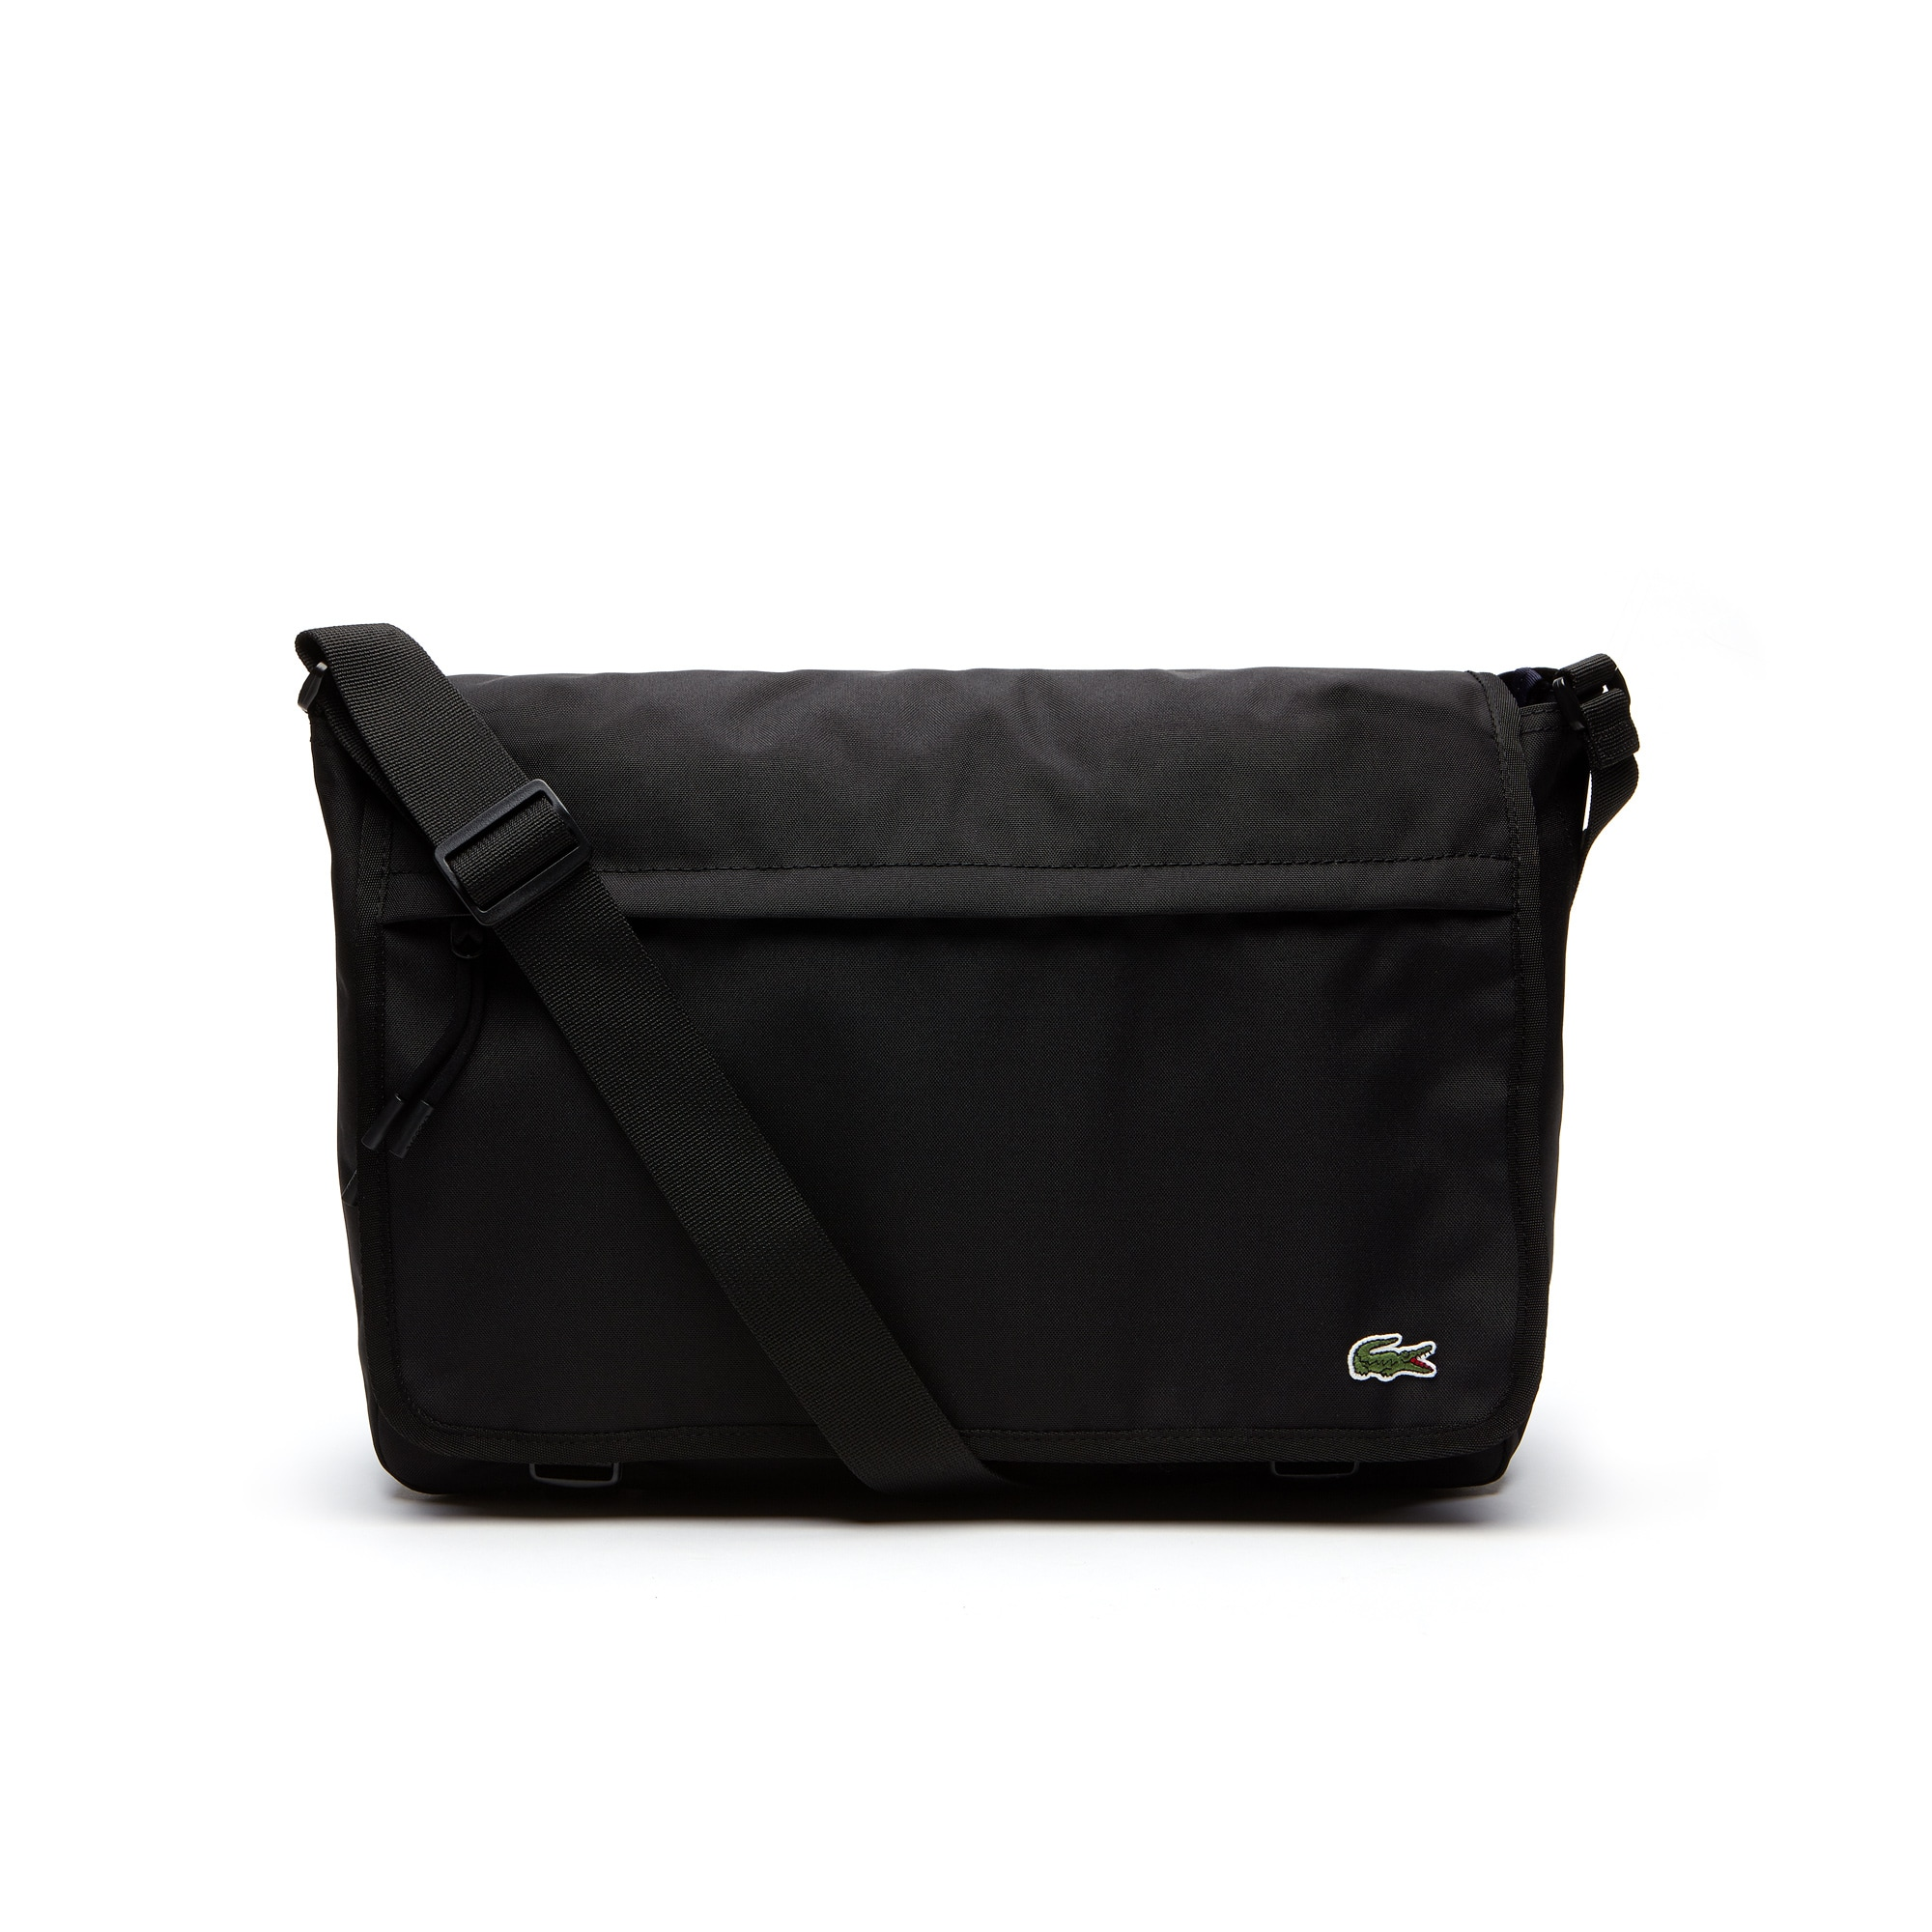 Men's Néocroc Canvas Flap Bag